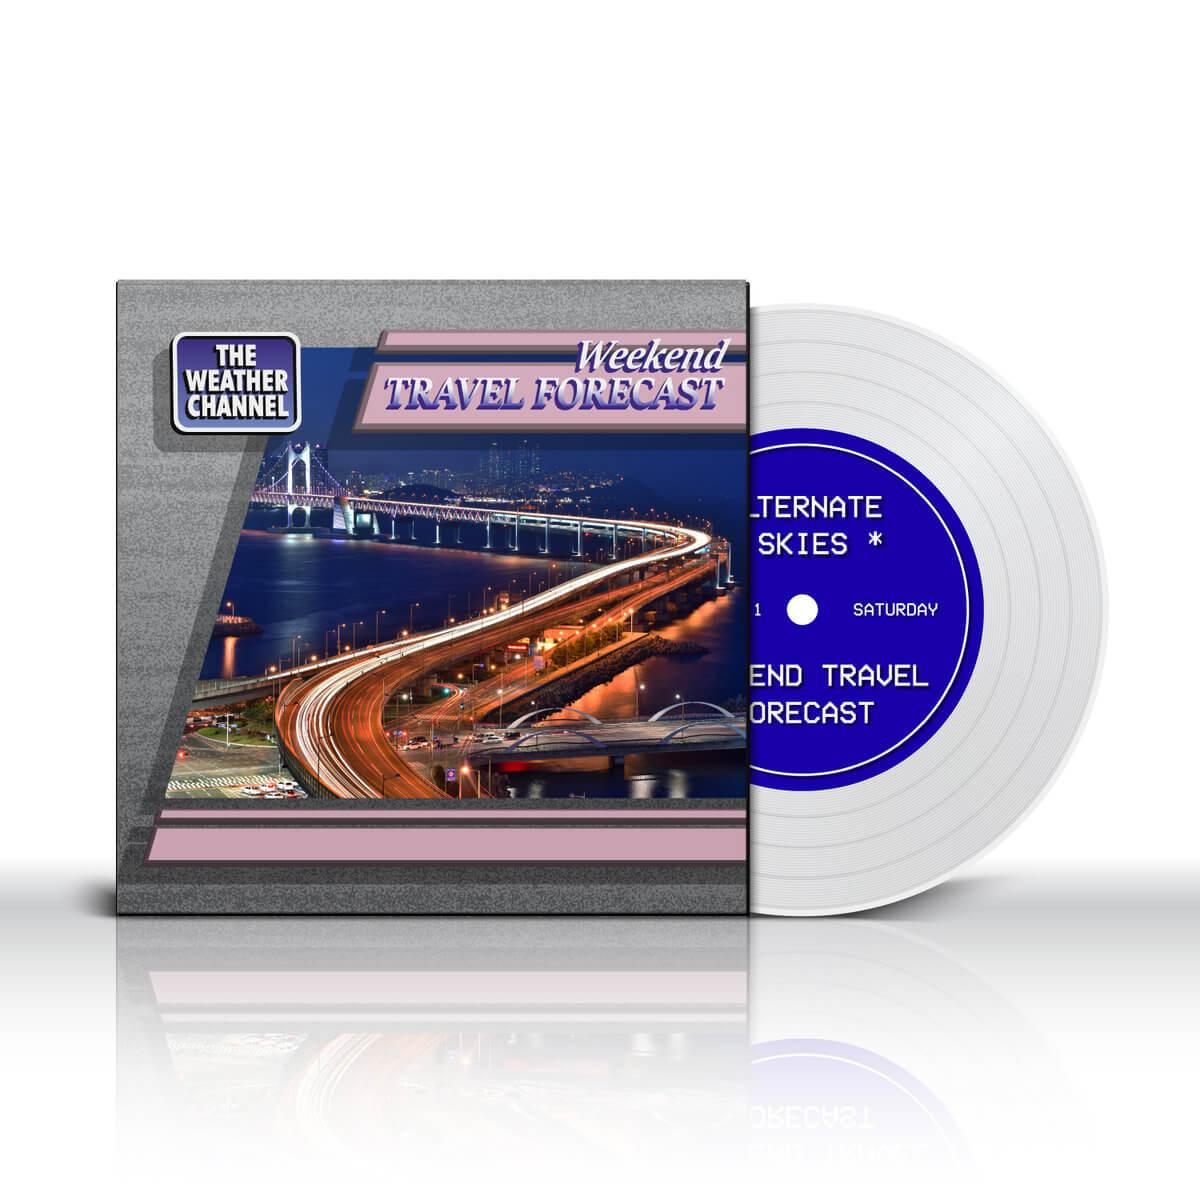 Alternate Skies – Weekend Travel Forecast (vinyl)